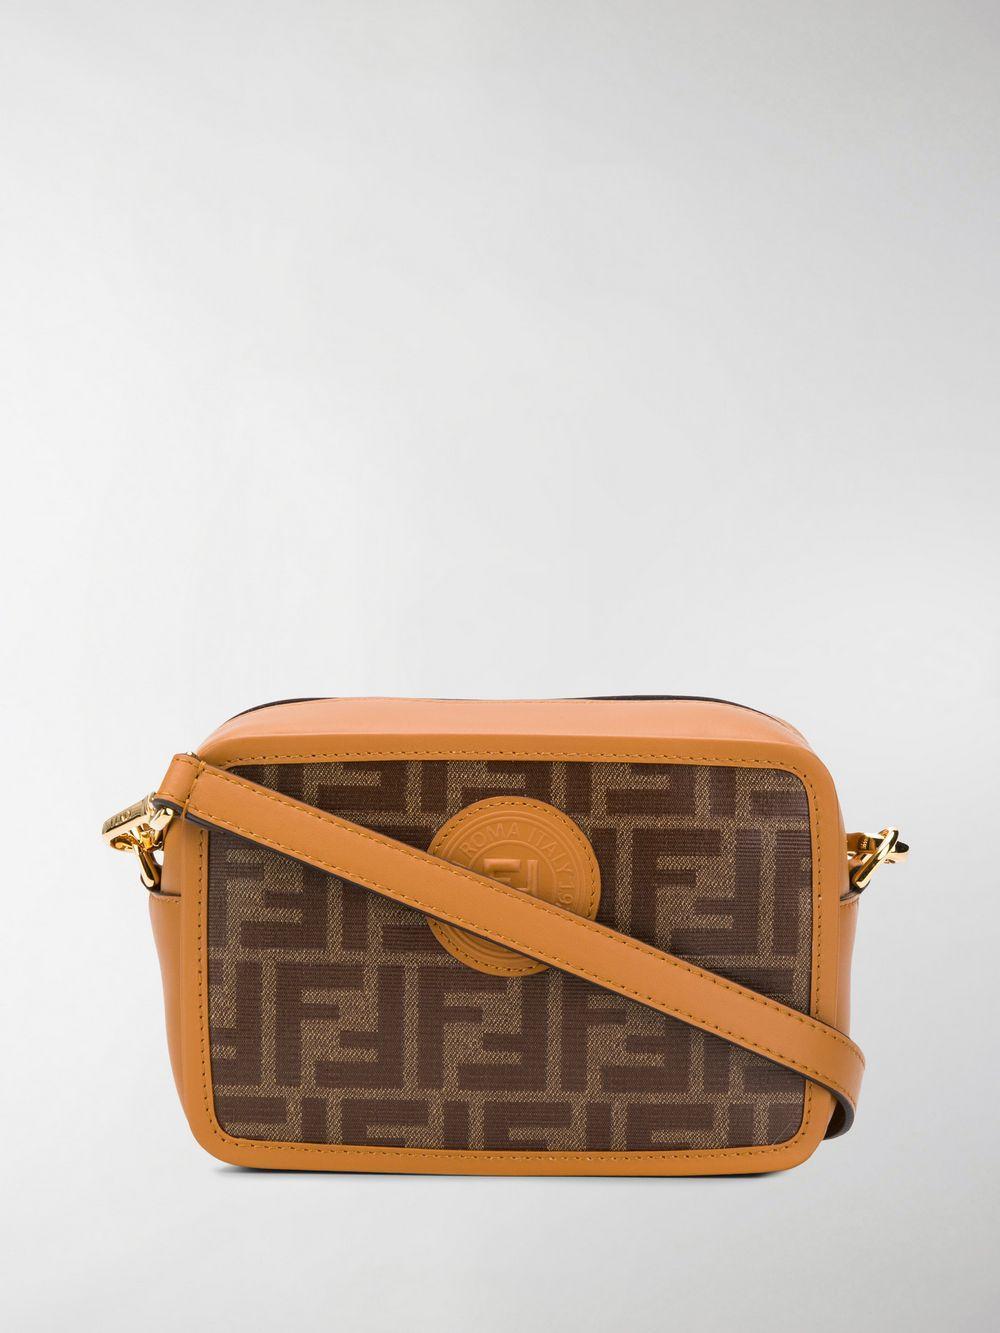 2176a5cec5f0 Fendi Mini Camera Case Crossbody Bag in Brown - Lyst